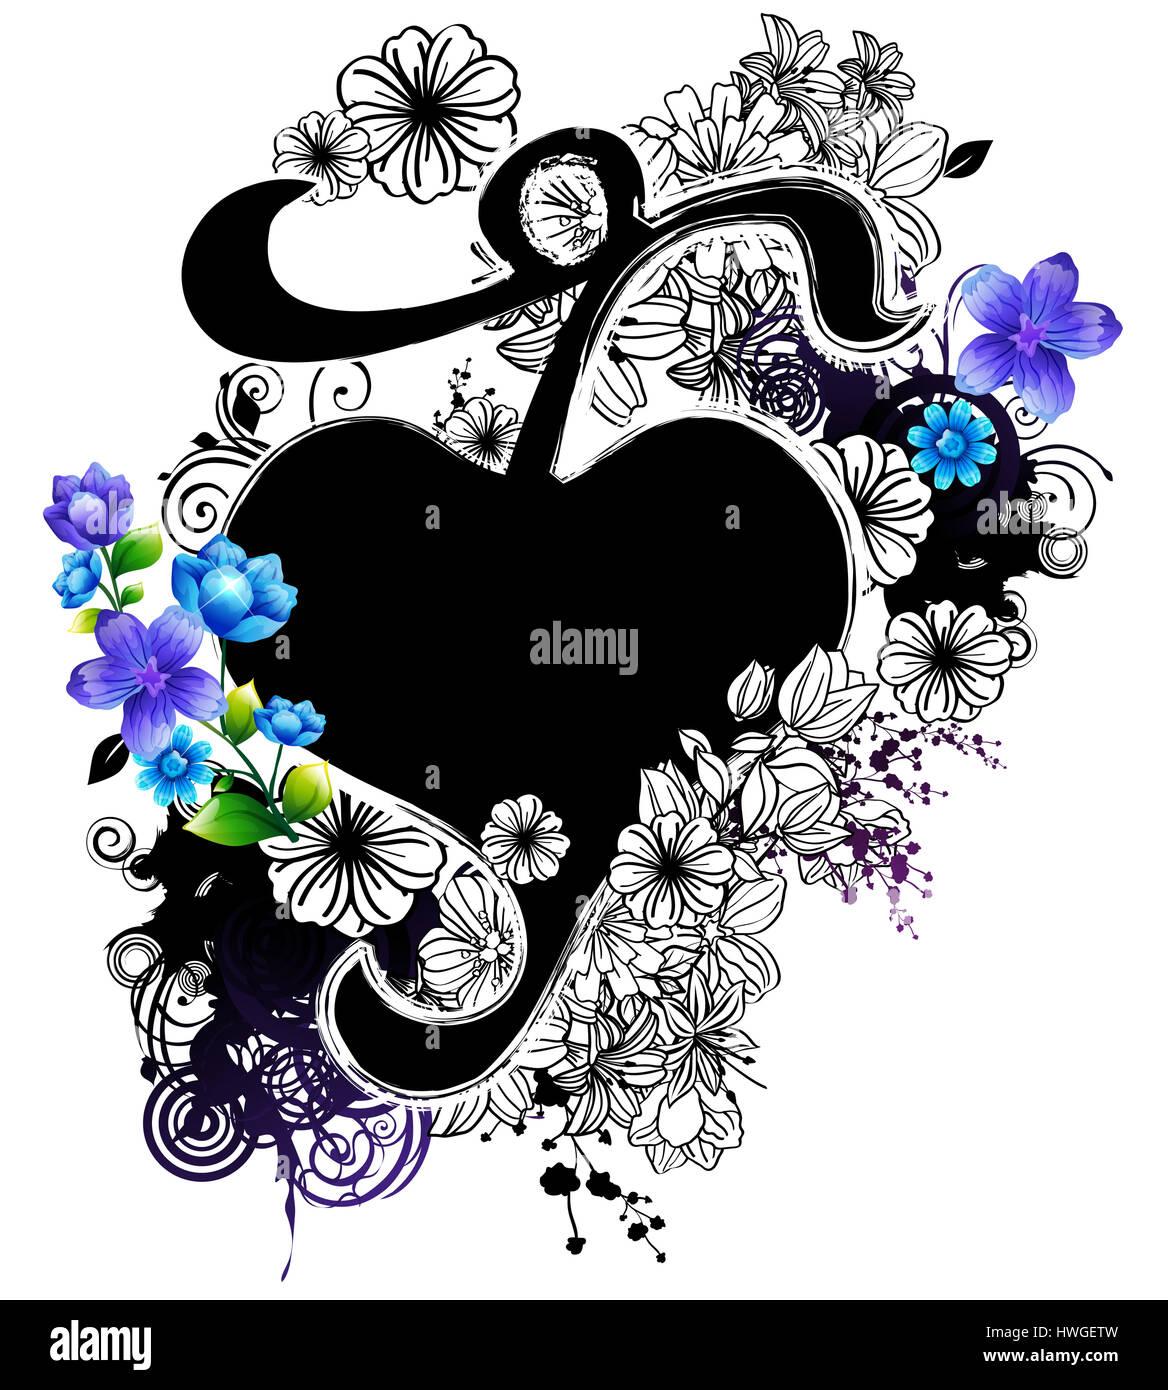 Forme De Coeur Coeur Amour Cote Signer Amour De Saint Valentin Curl